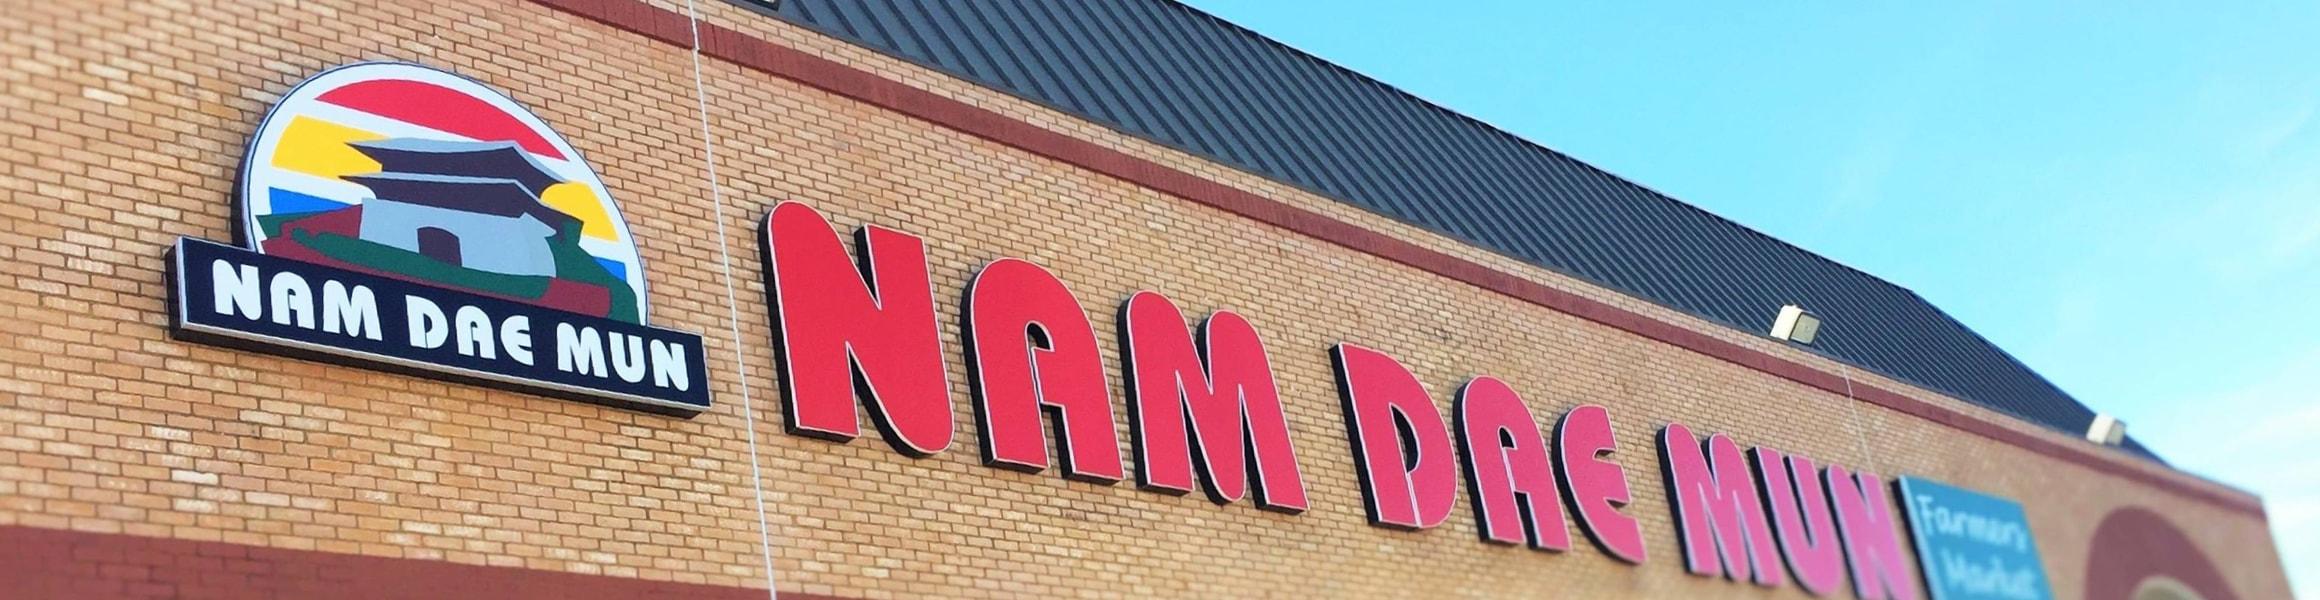 Nam Dae Mun storefront